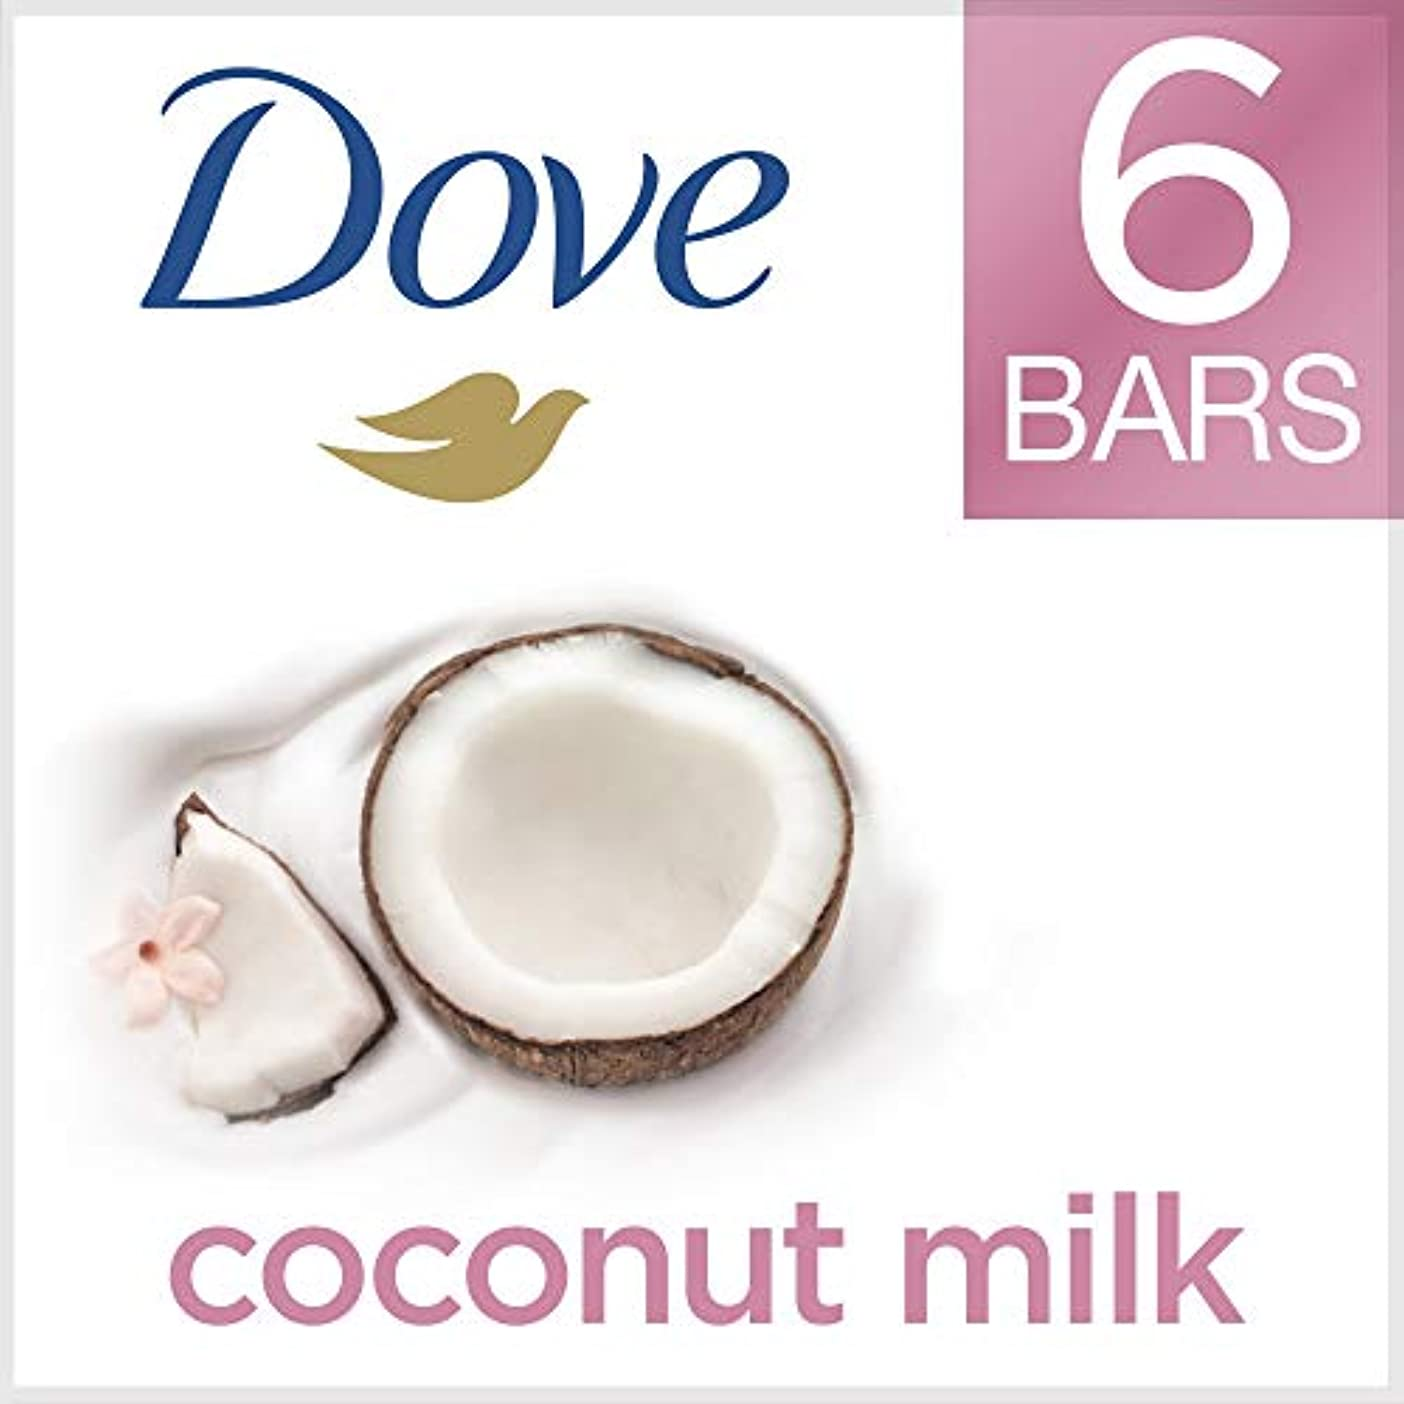 提案するサイクロプス環境Dove ビューティーバー、ココナッツミルク、4オンス、6バー